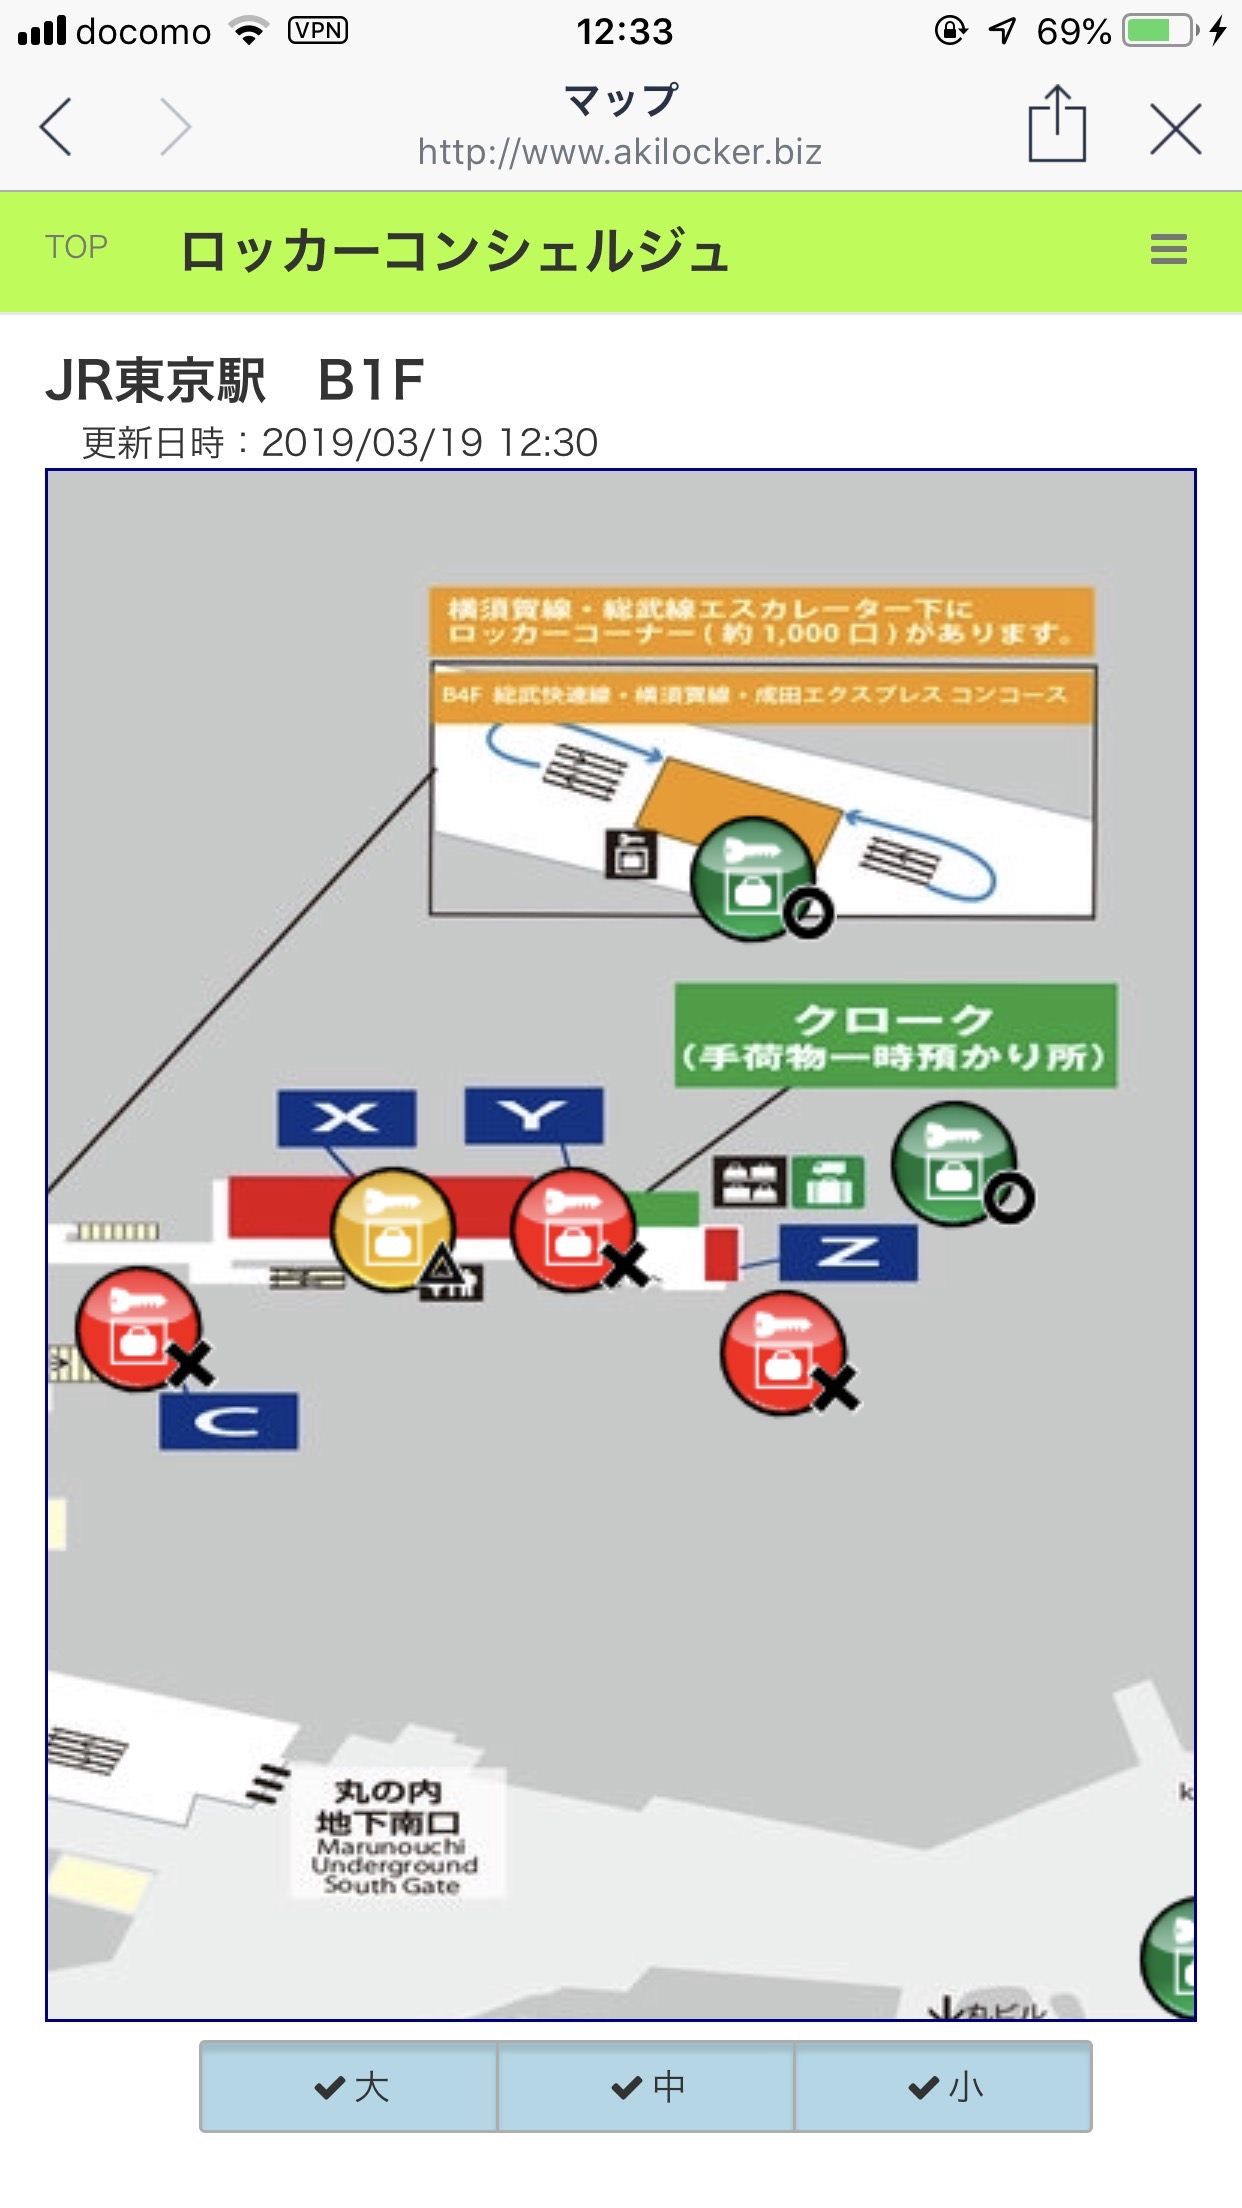 LINEアカウント「JR東日本 Chat Bot」運行情報が便利なだけでなく忘れ物問い合わせにも対応!